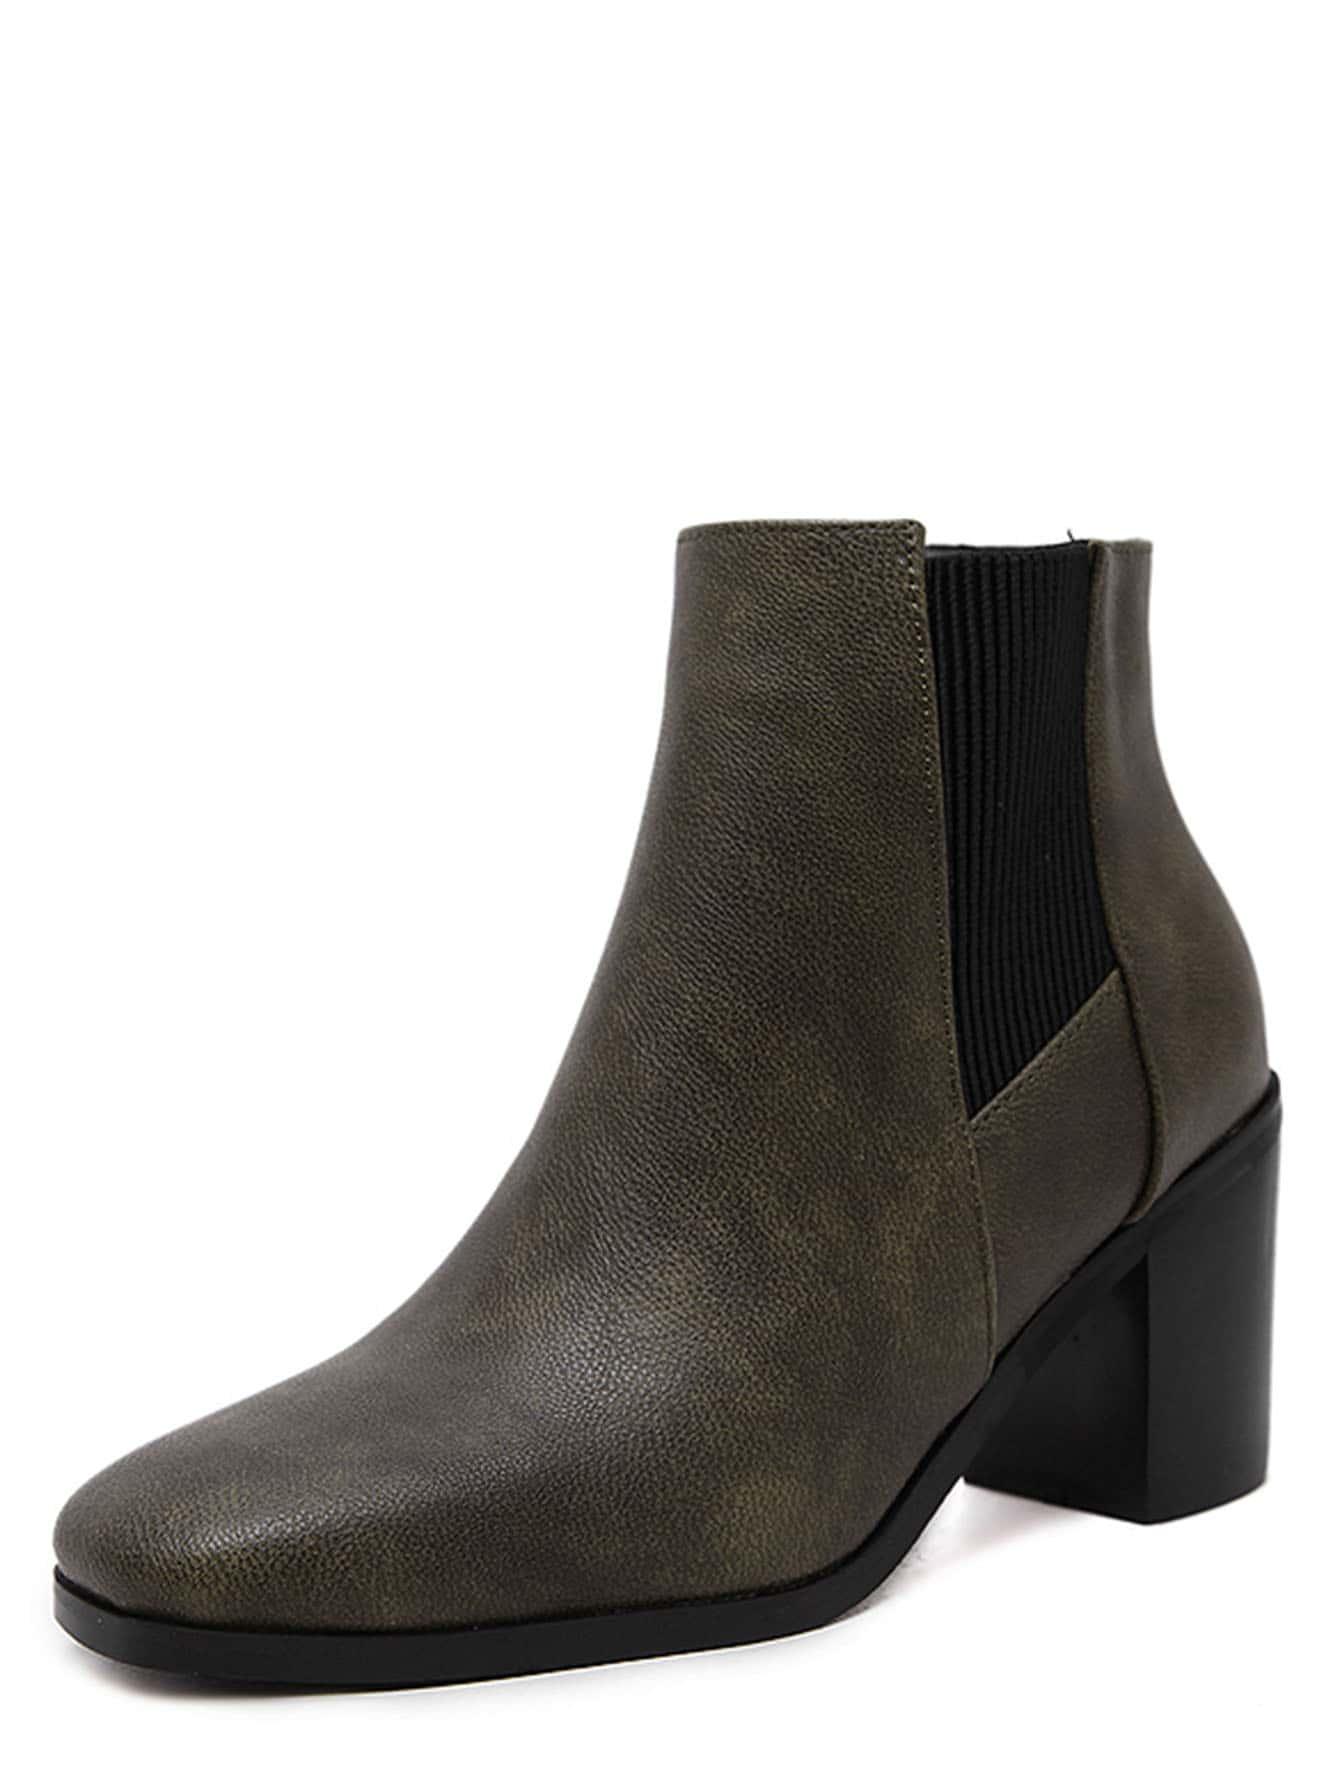 shoes161104811_2